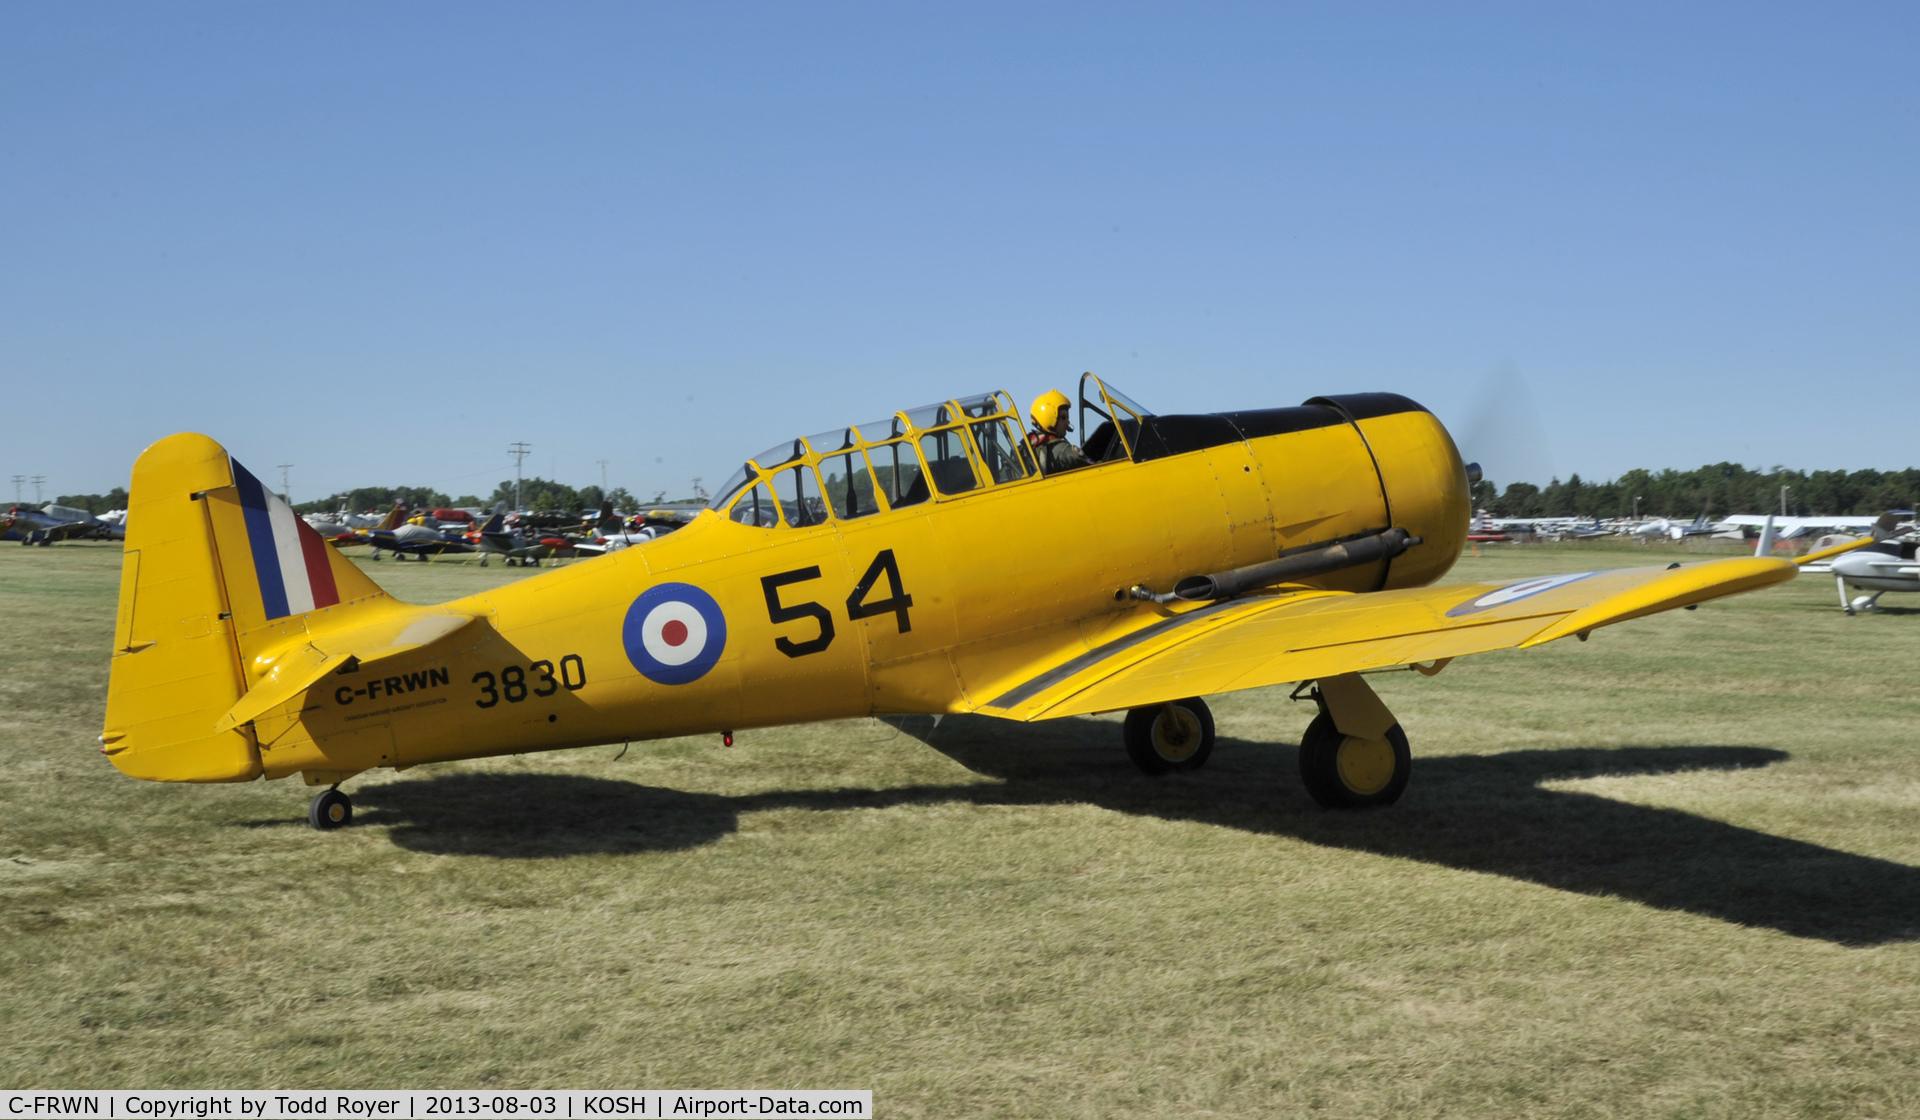 C-FRWN, 1942 Noorduyn AT-16 Harvard II C/N 81-4097, Airventure 2013